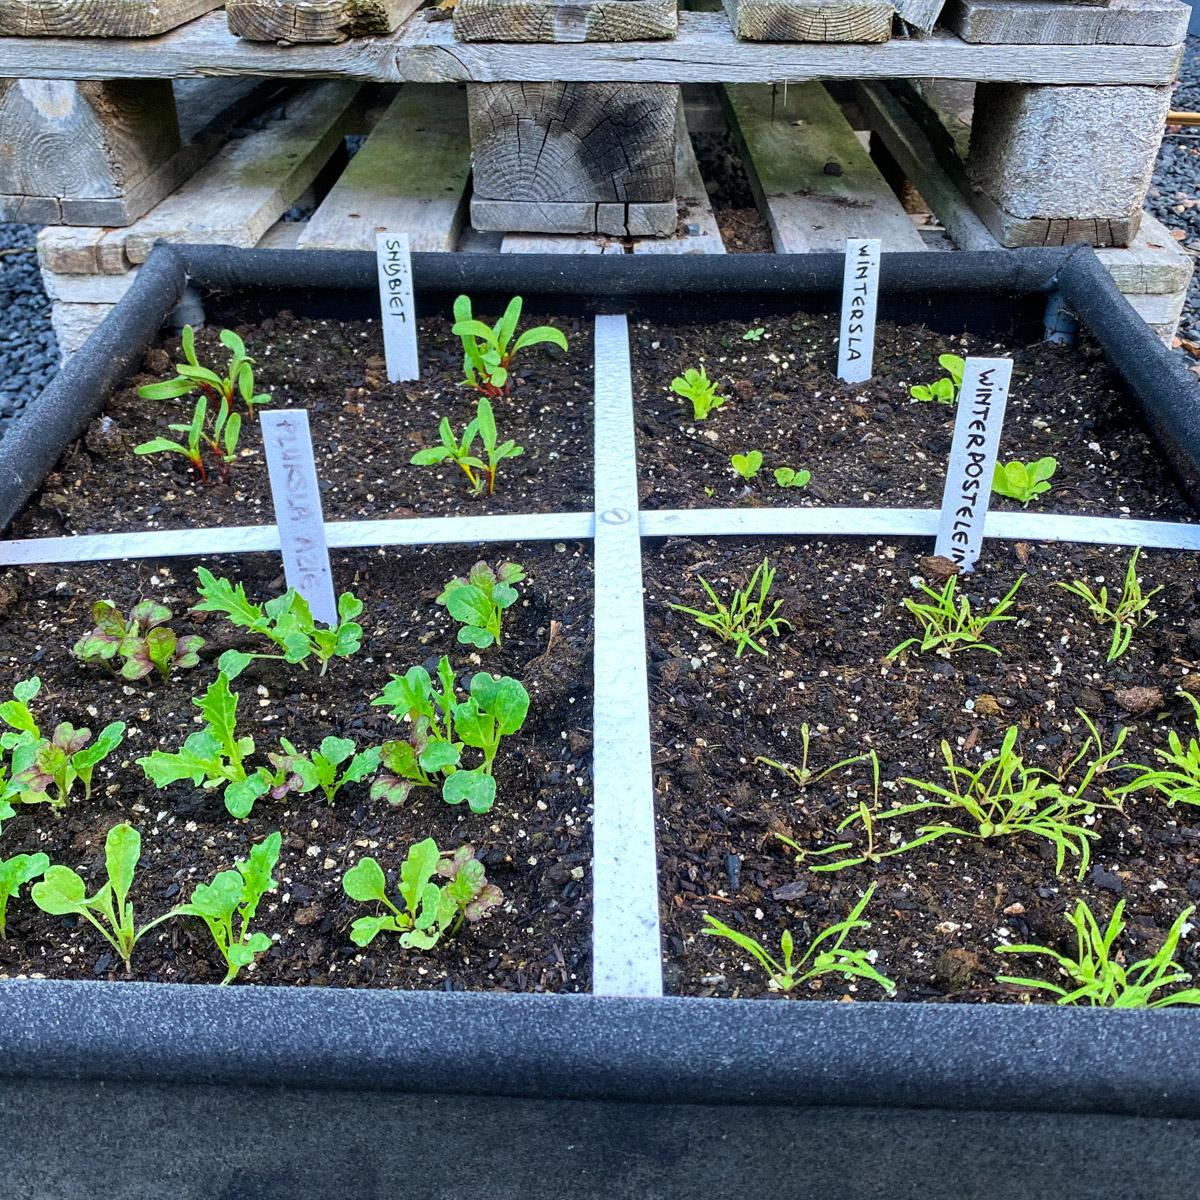 blog-1-sept-2021-tour-of-the-planty-garden1.jpg